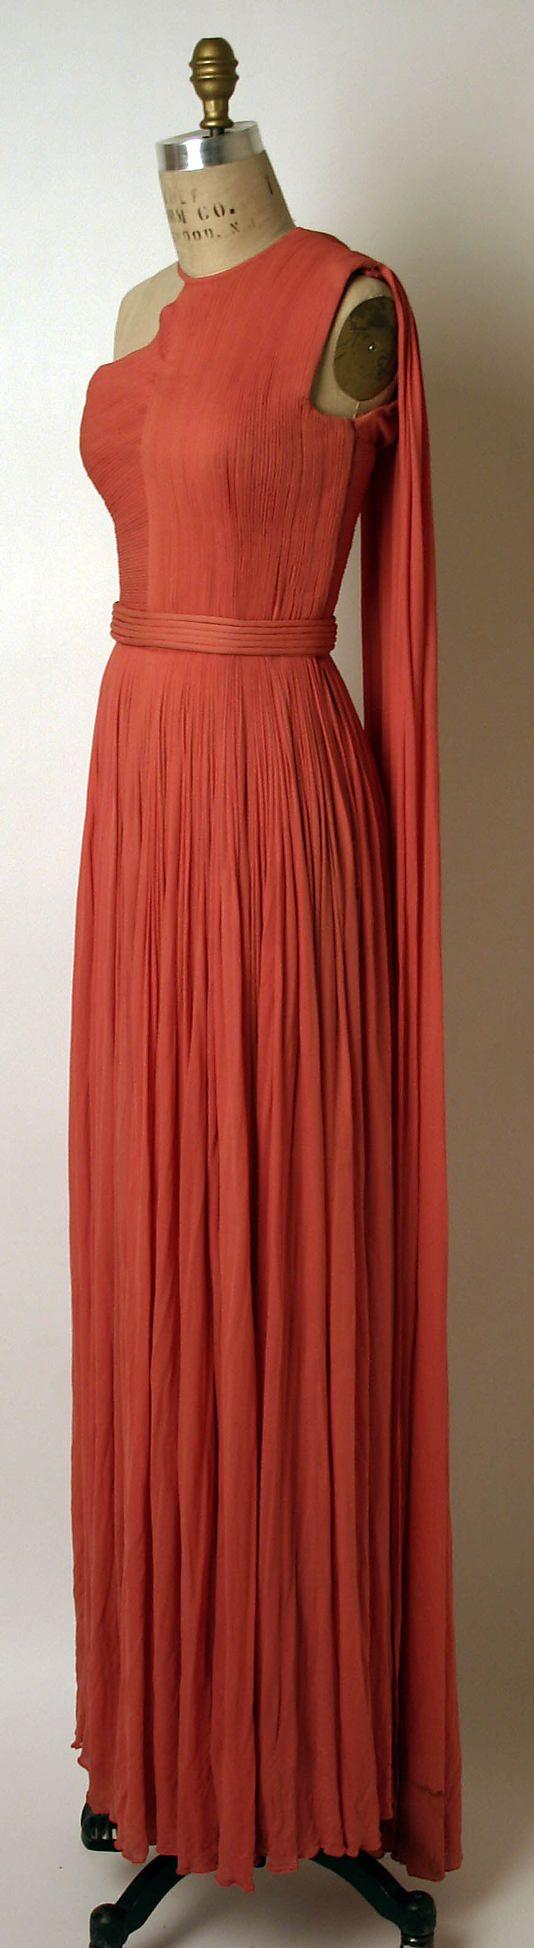 Dress Madame Grès (Alix Barton)  (French, Paris 1903–1993 Var region)   Date: ca. 1967 Culture: French Medium: a,b) silk. Sideway